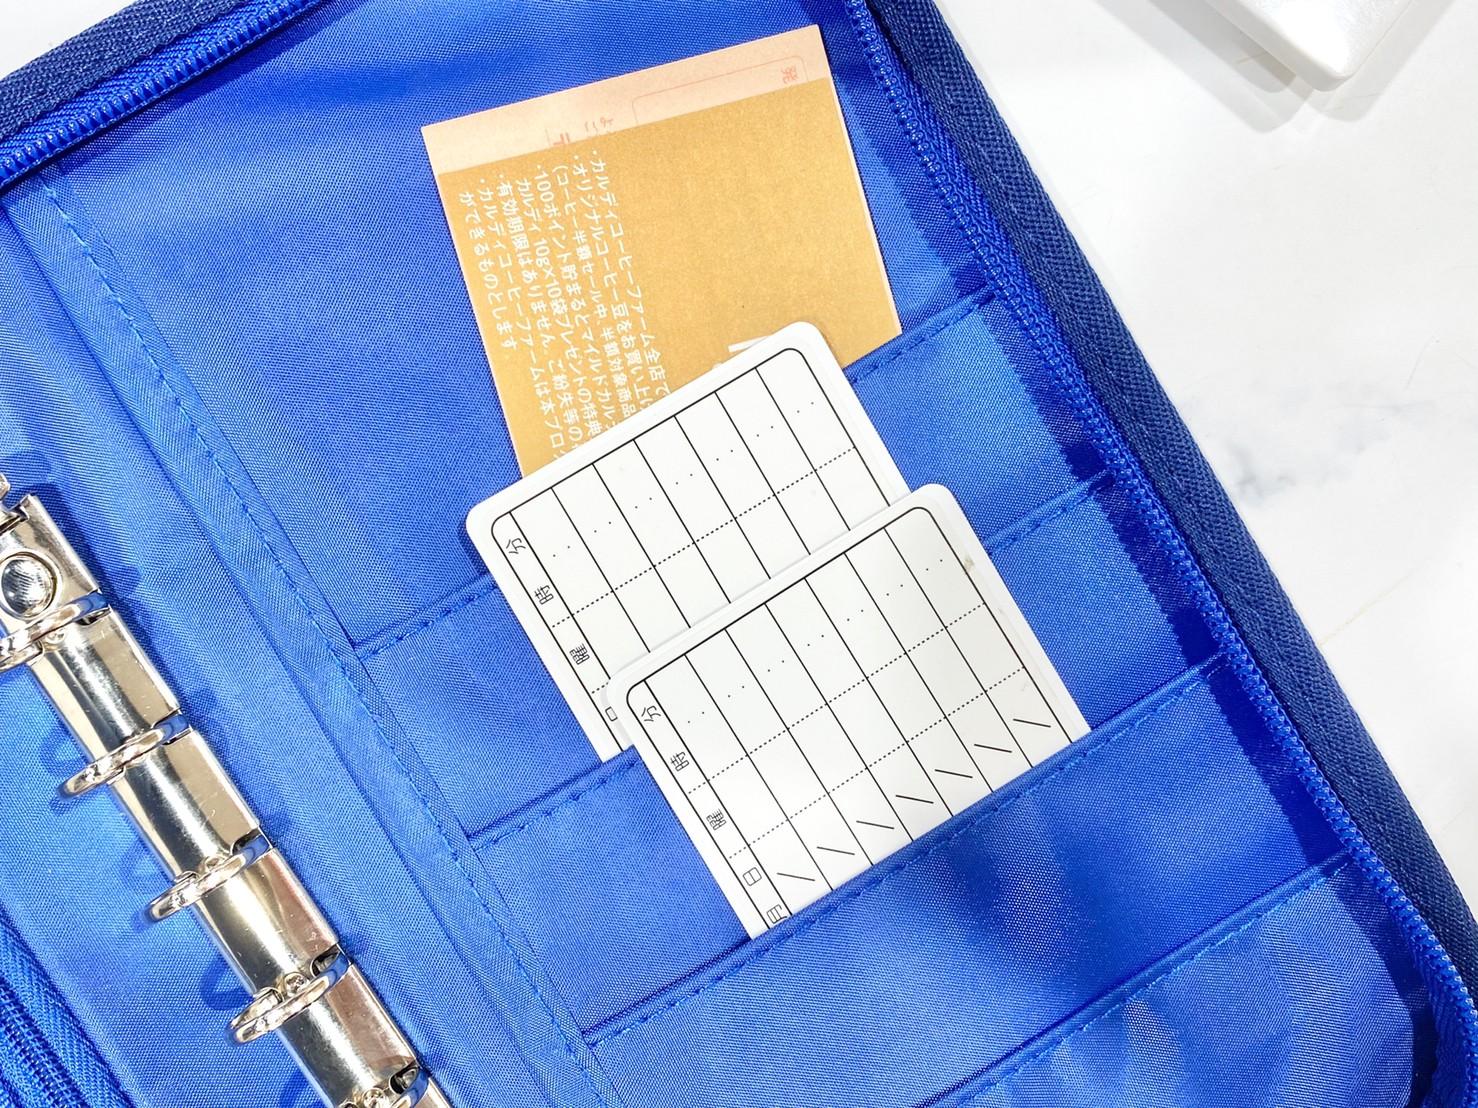 つば九郎 お金がたまるマルチポーチのカード入れにカードを入れたところ